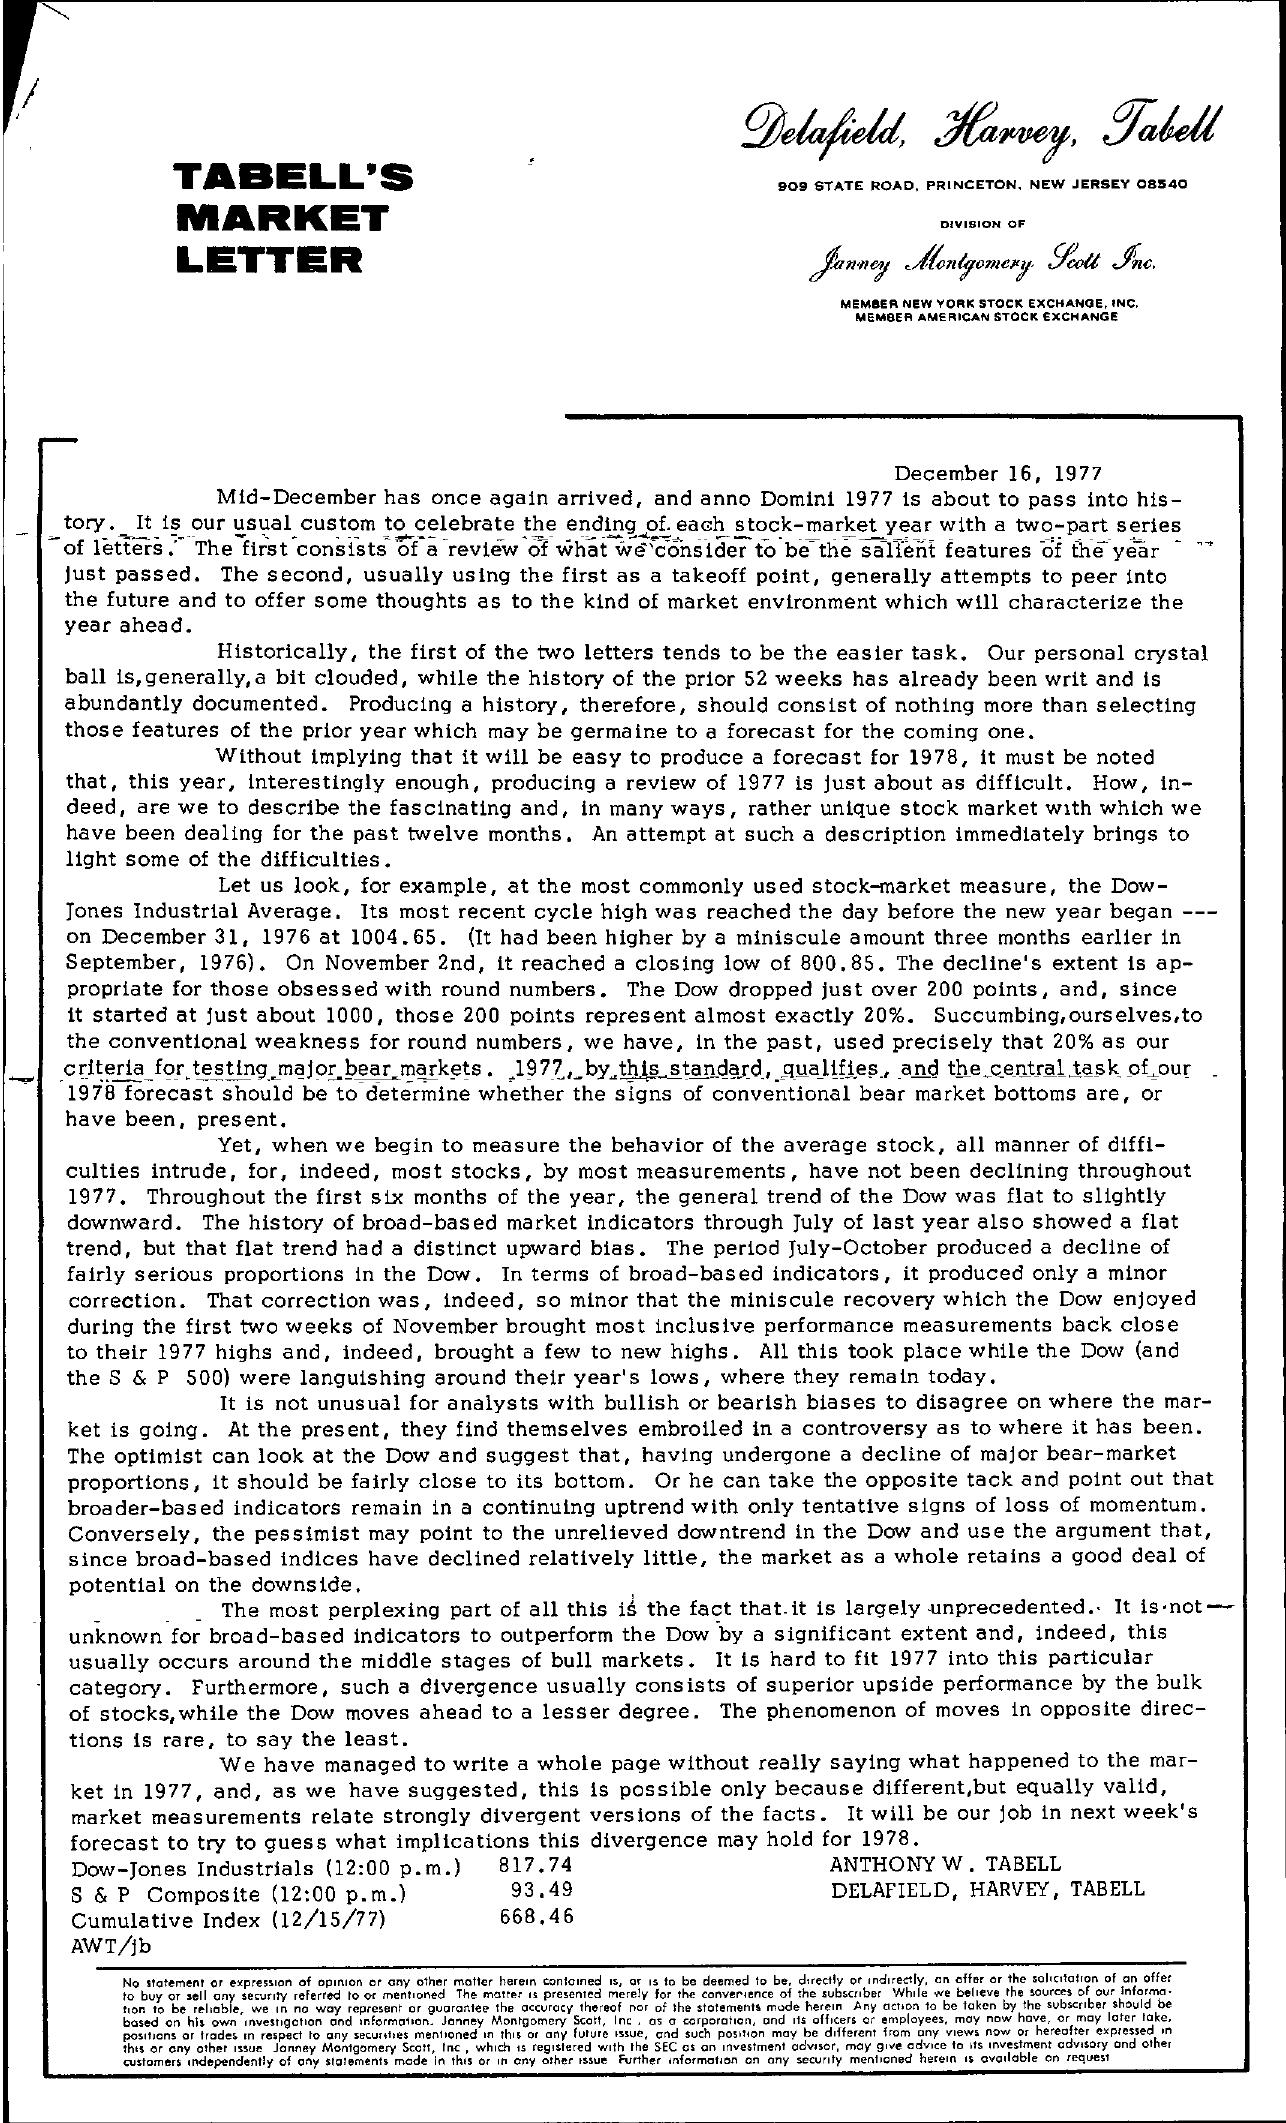 Tabell's Market Letter - December 16, 1977